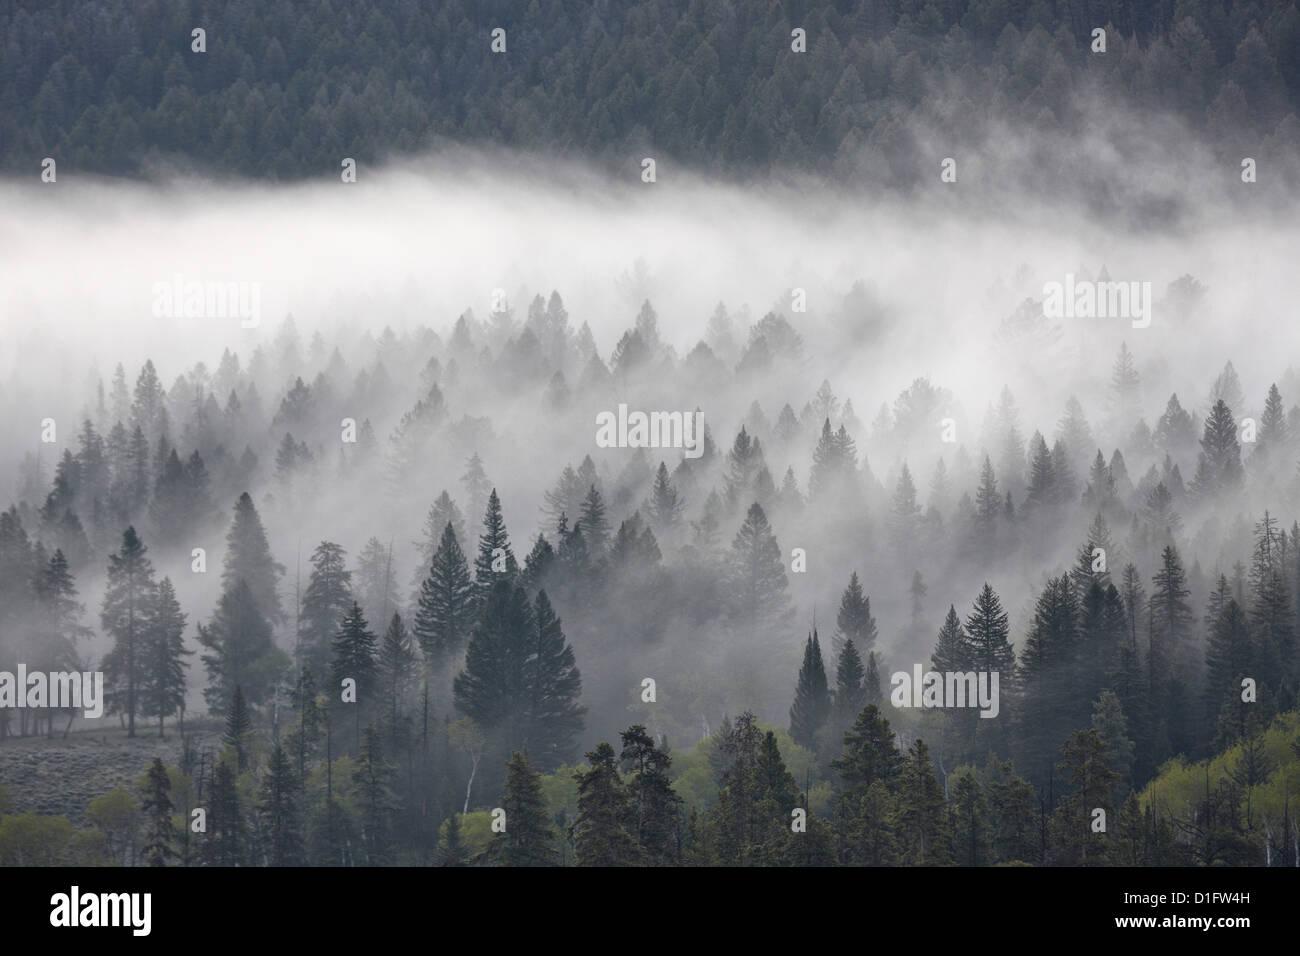 Nebbia mescolandosi con alberi sempreverdi, il Parco Nazionale di Yellowstone, Wyoming negli Stati Uniti d'America, Immagini Stock